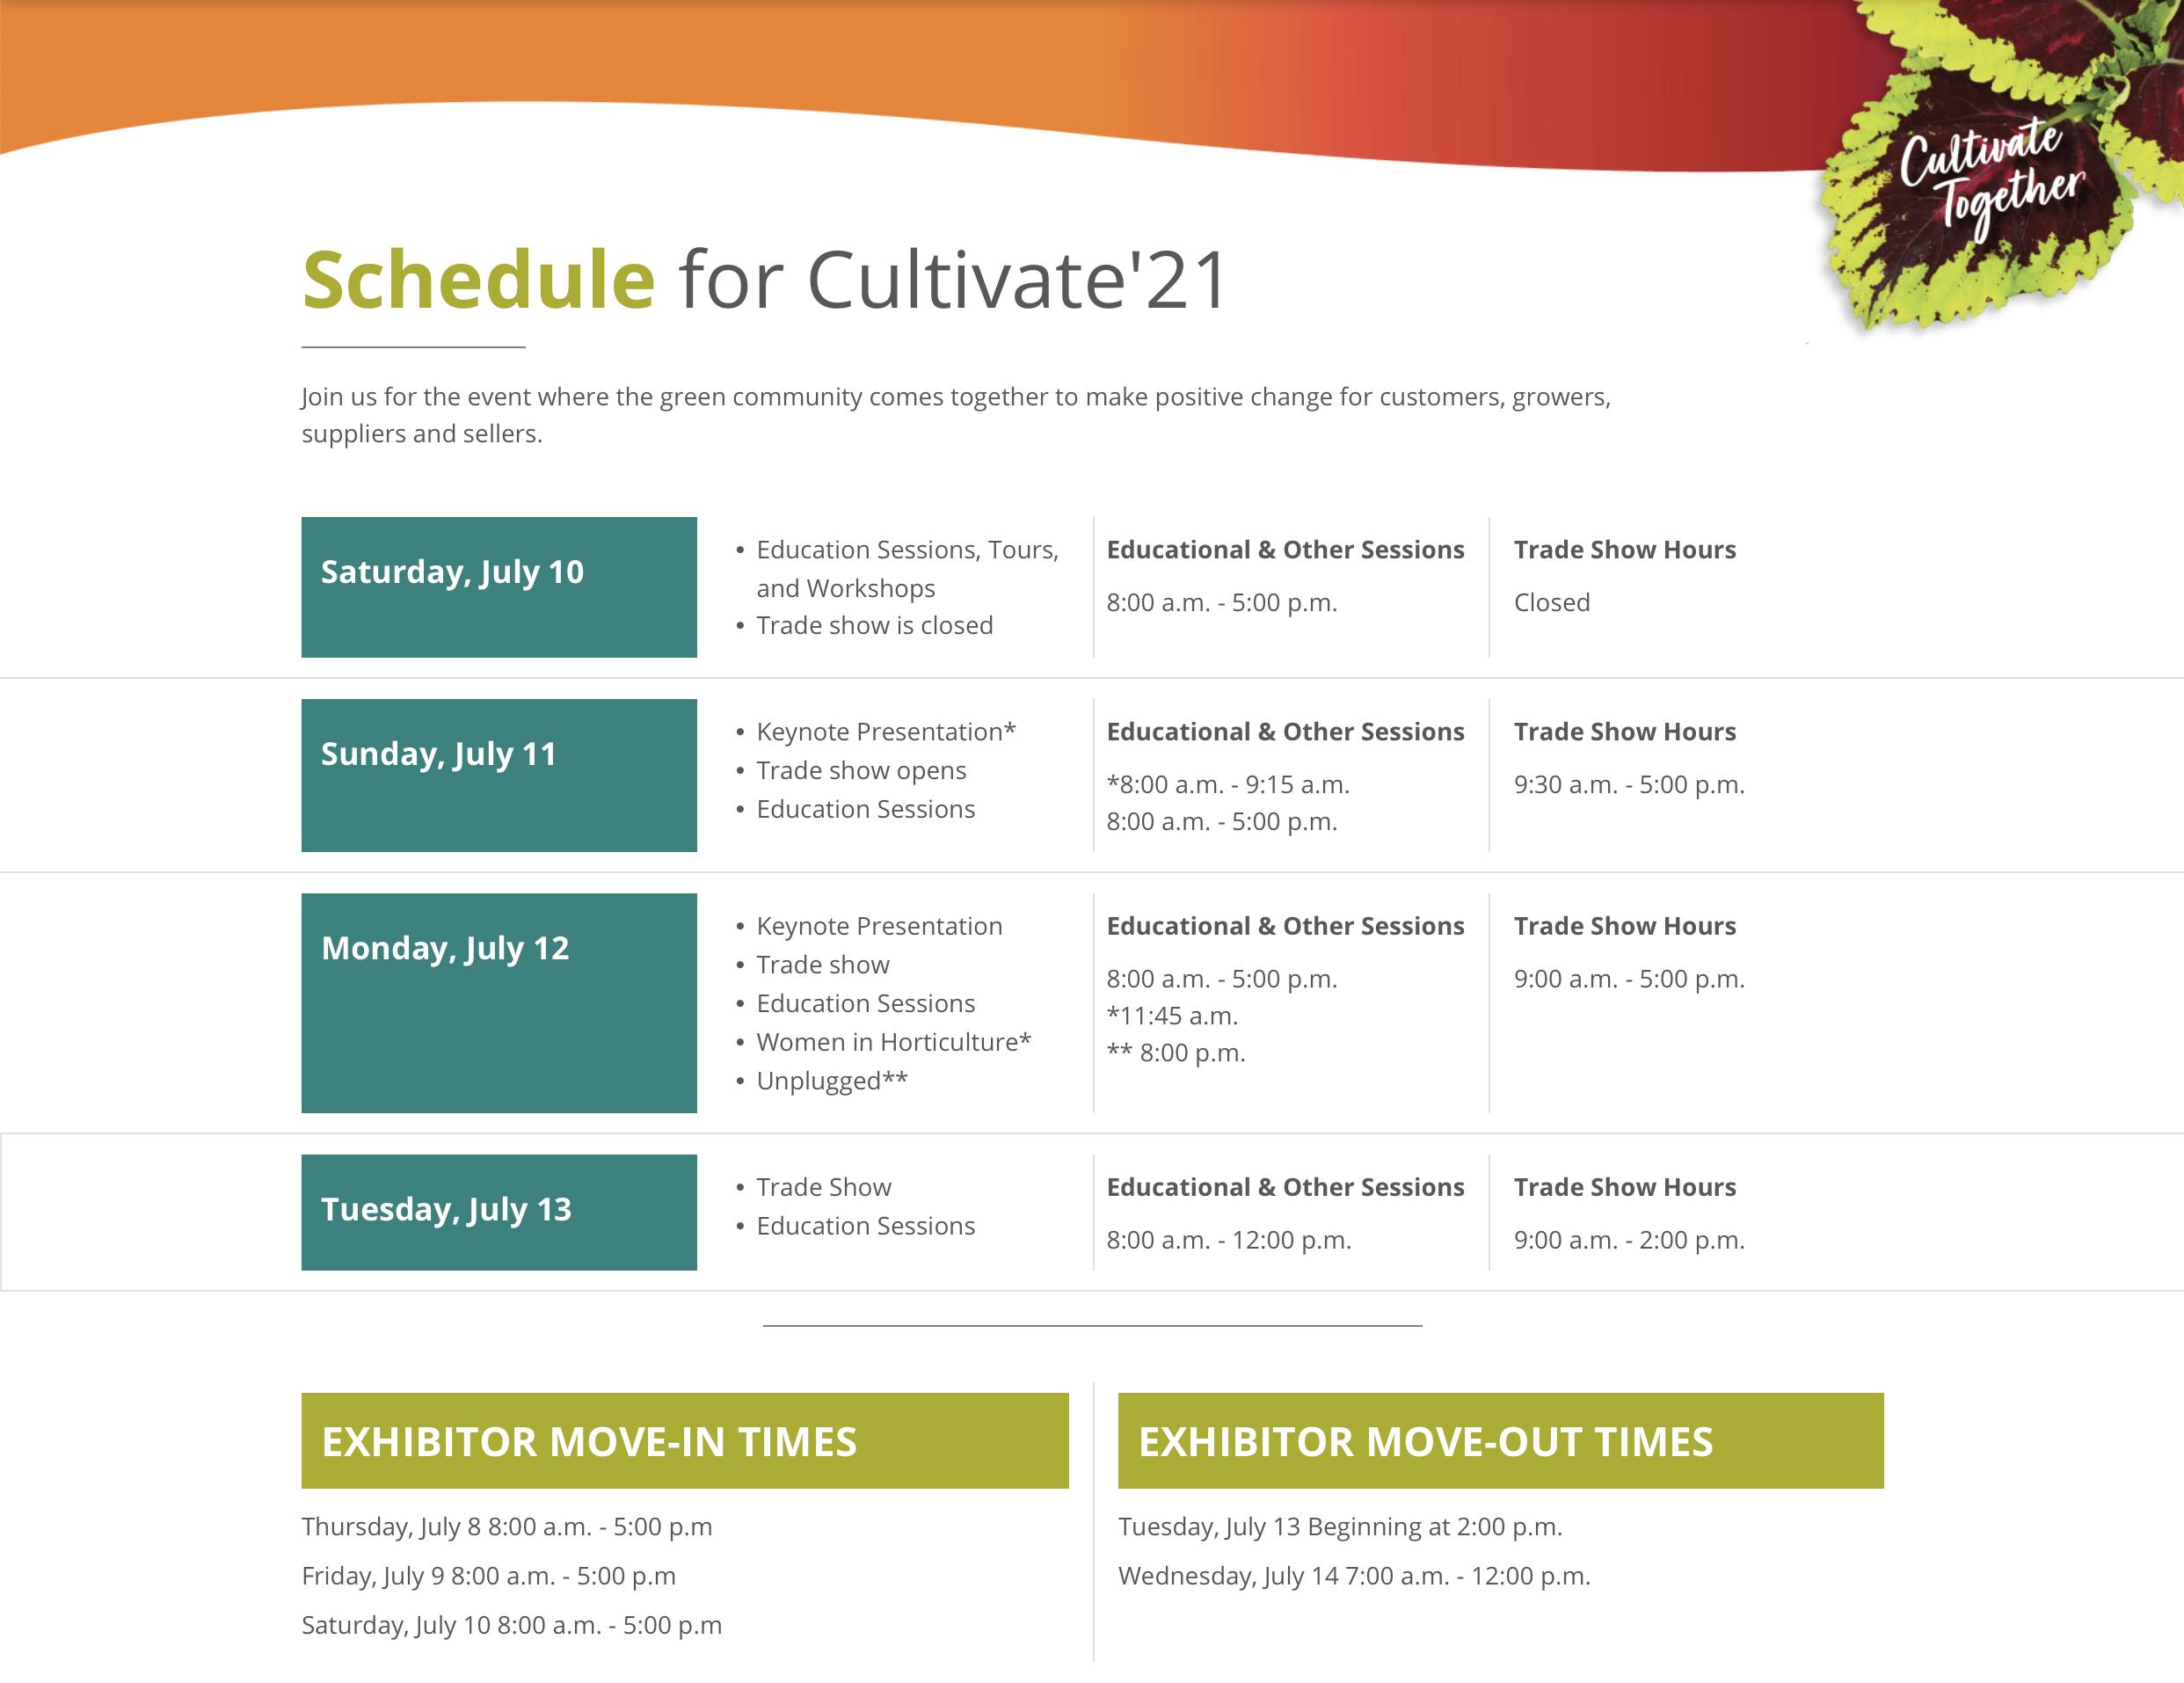 cultivate'21 schedule